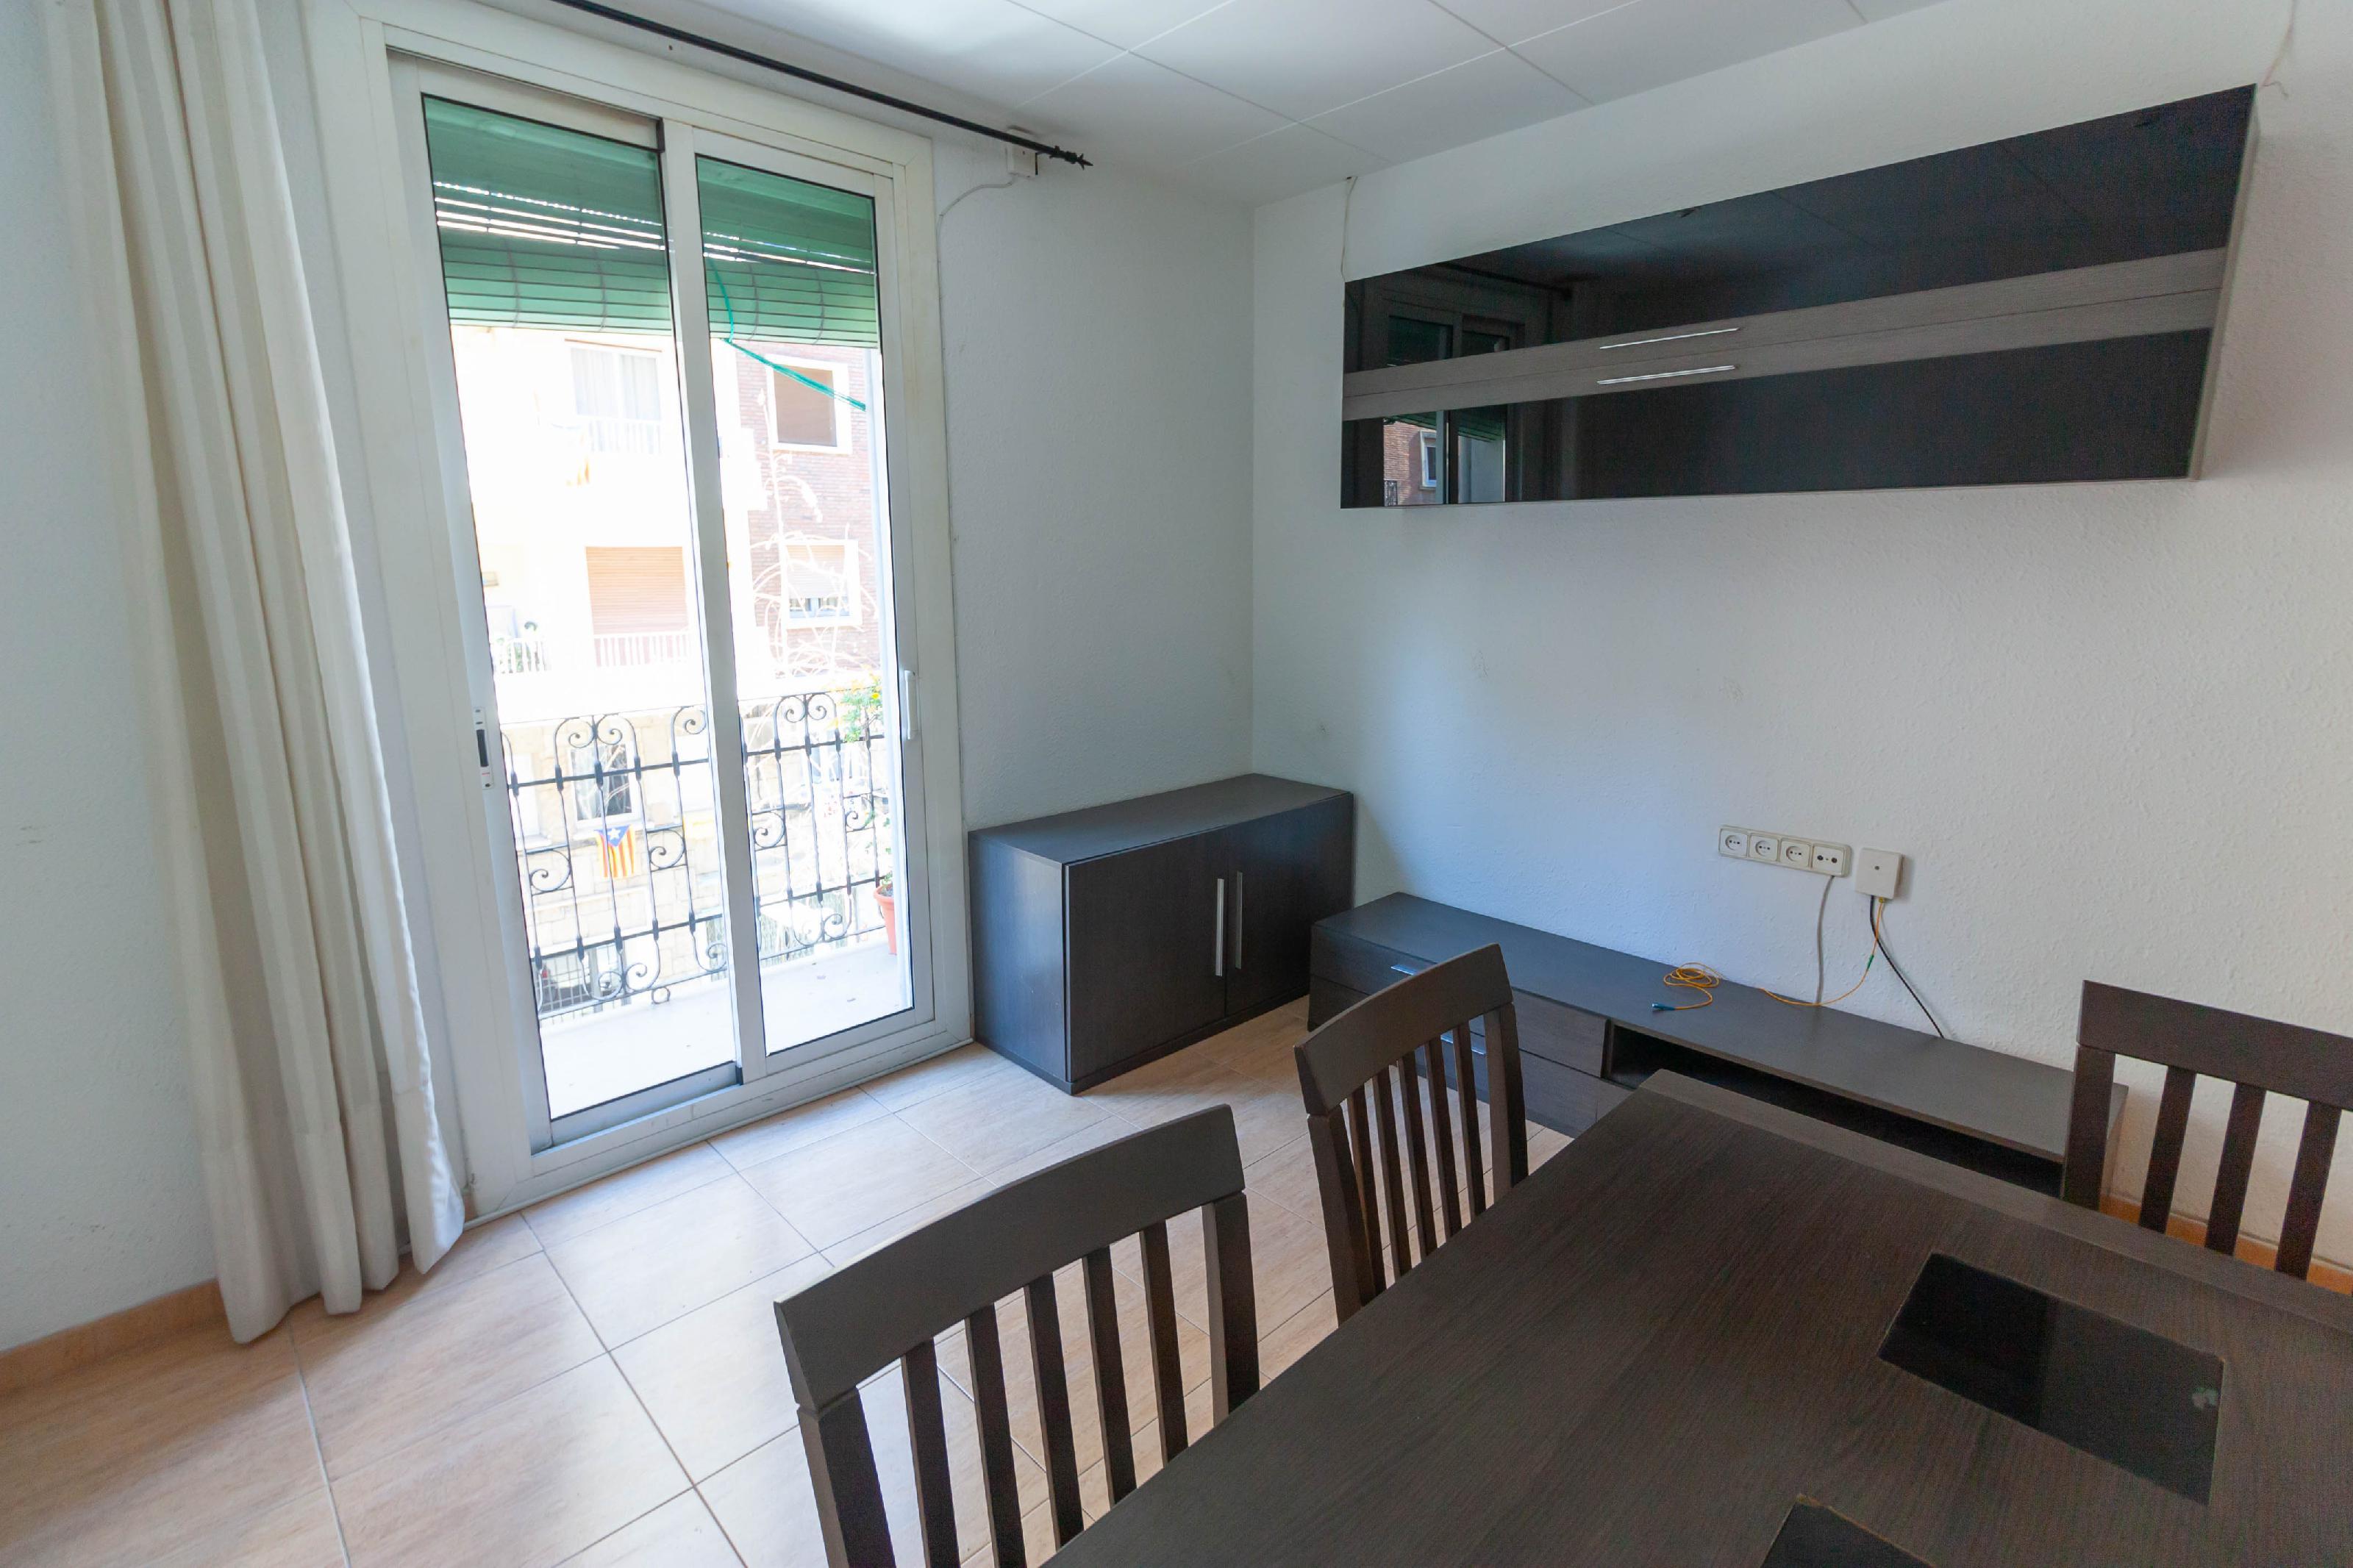 Imagen 1 Piso en alquiler en Barcelona / Alegre de Dalt - Sant Lluis